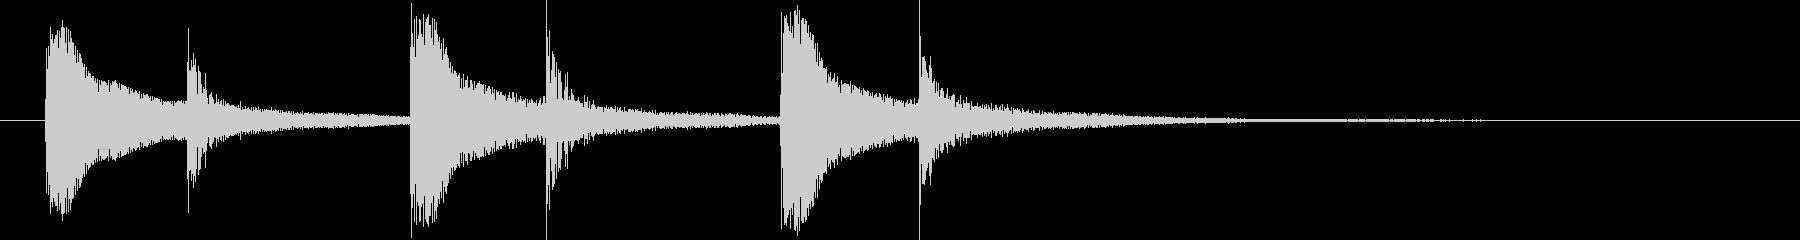 ドラム/ティンバレス フィルイン 28の未再生の波形